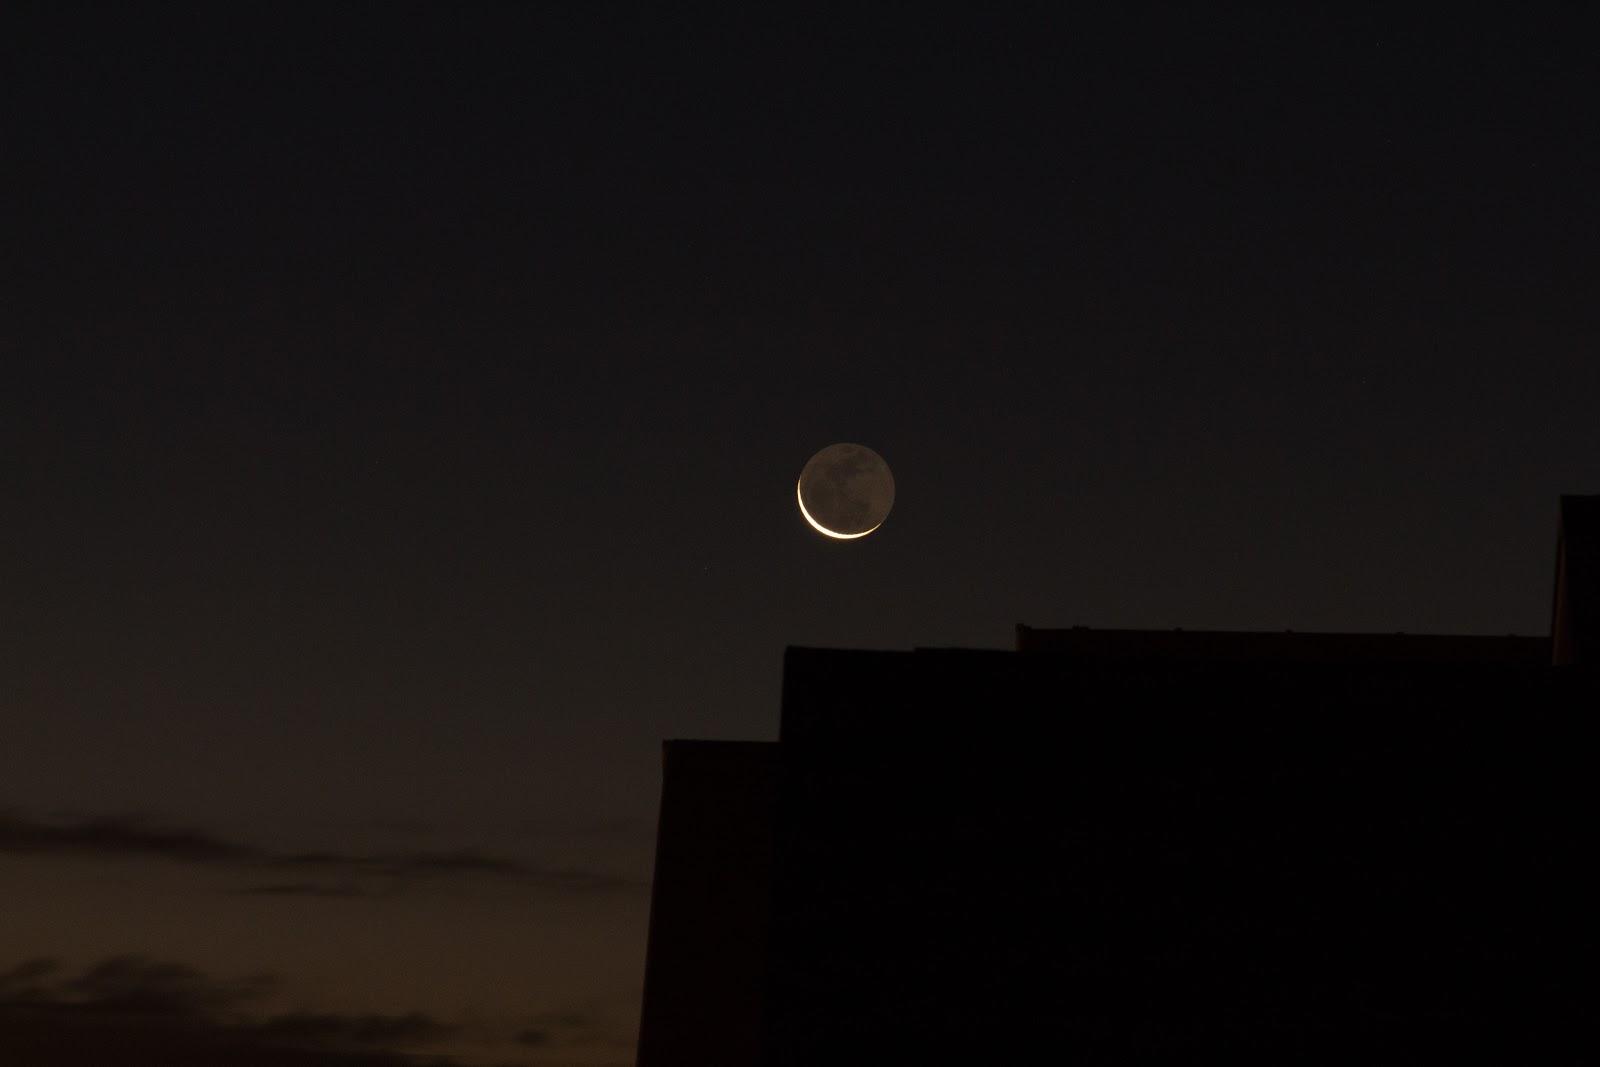 earthshine moon over roof